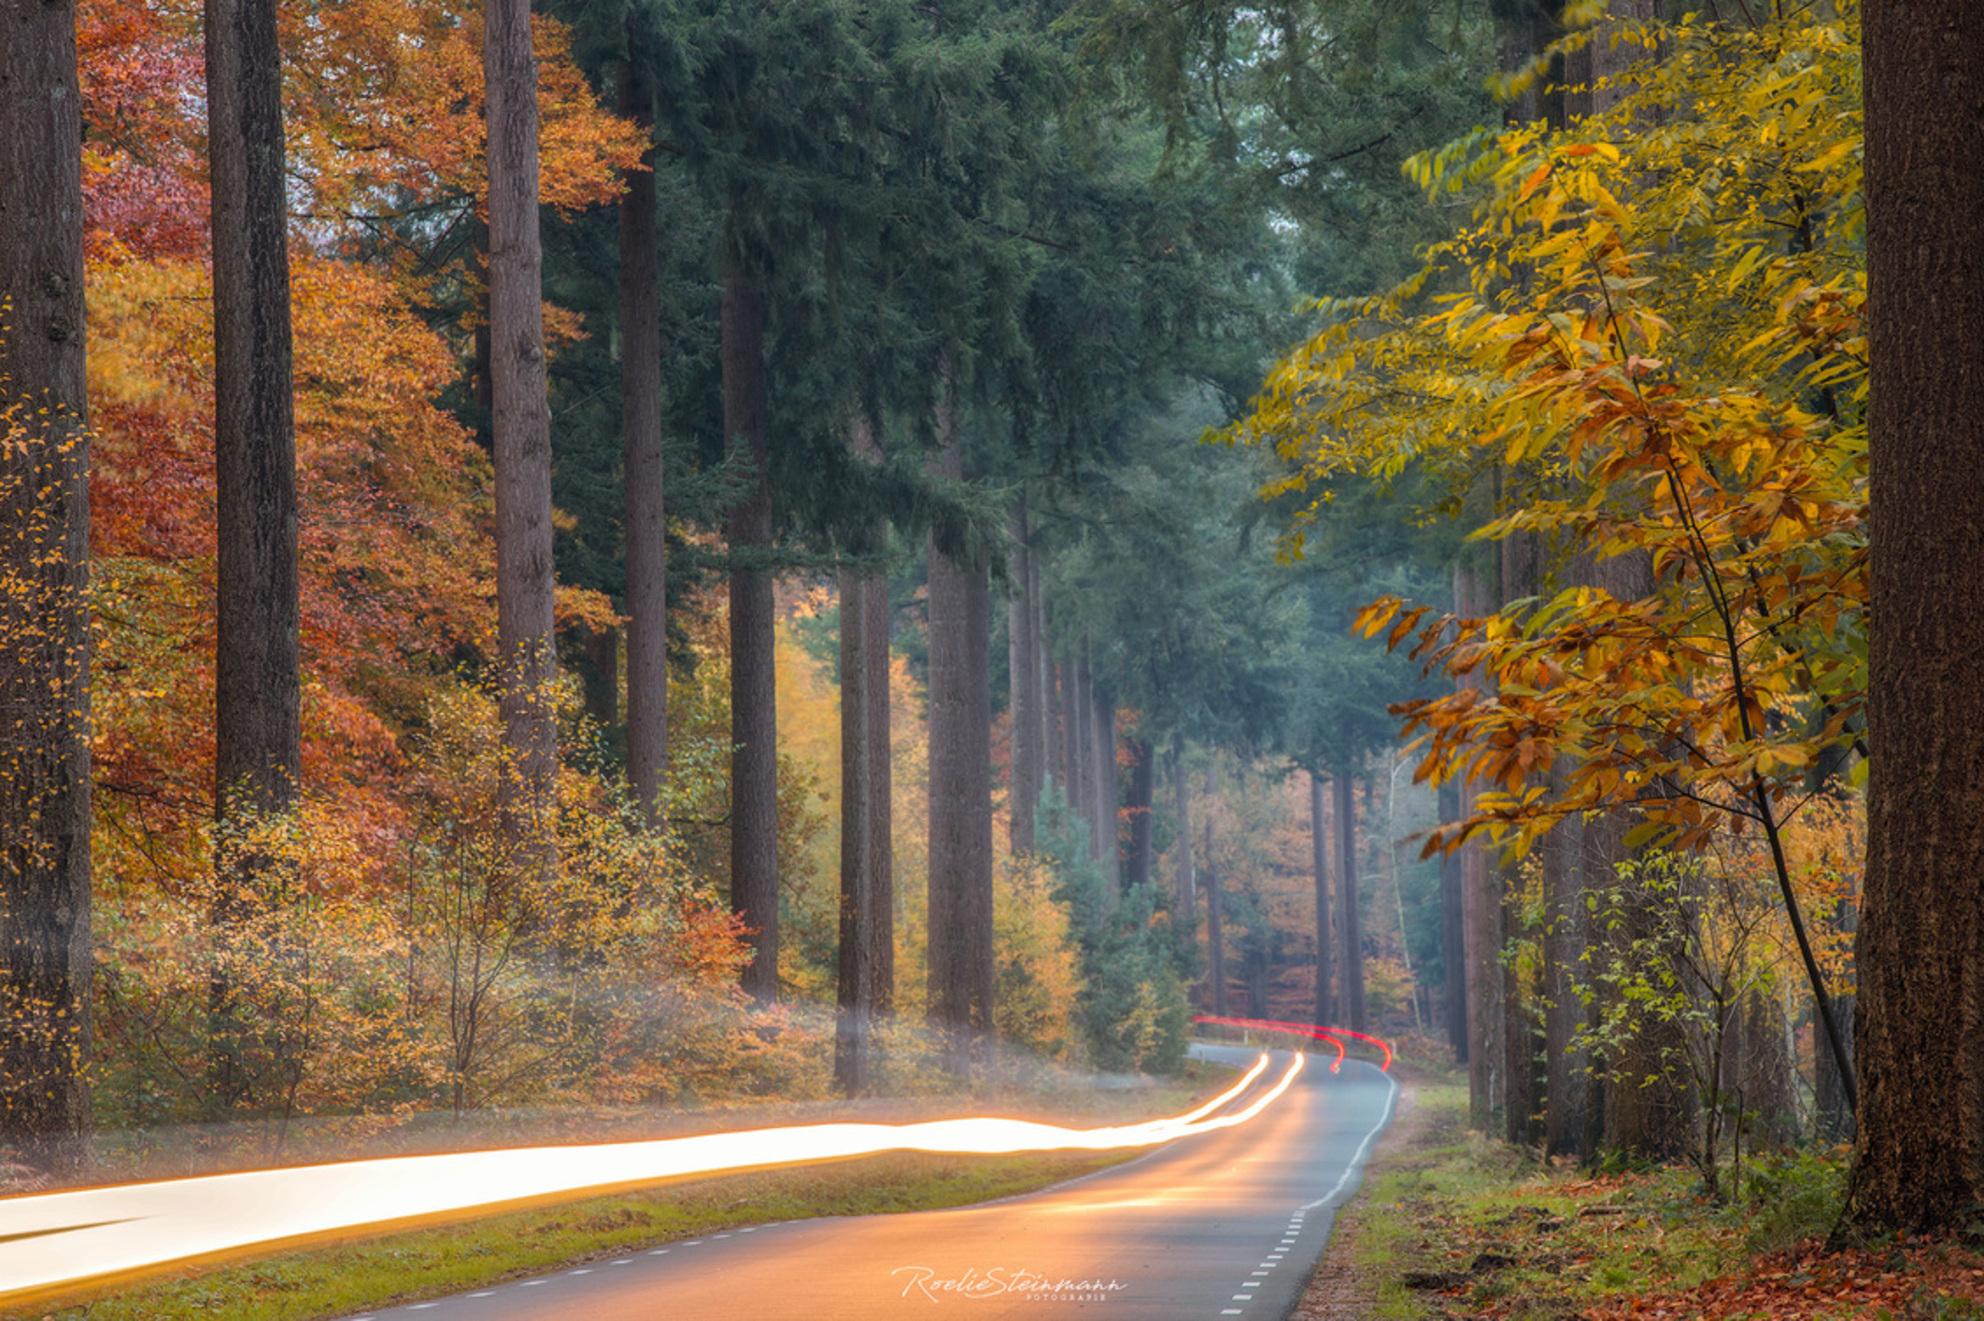 Faster than light - Hoewel de foto's van de weg naar het Speulderbos rustig en sfeervol lijkt, is de waarheid het tegendeel. Het is een drukke verbindingsweg en daarom i - foto door steinmann.rp op 17-11-2019 - deze foto bevat: groen, boom, natuur, veluwe, geel, licht, herfst, landschap, mist, bos, nederland, najaar, speulderbos, langesluitertijd, hoge veluwe